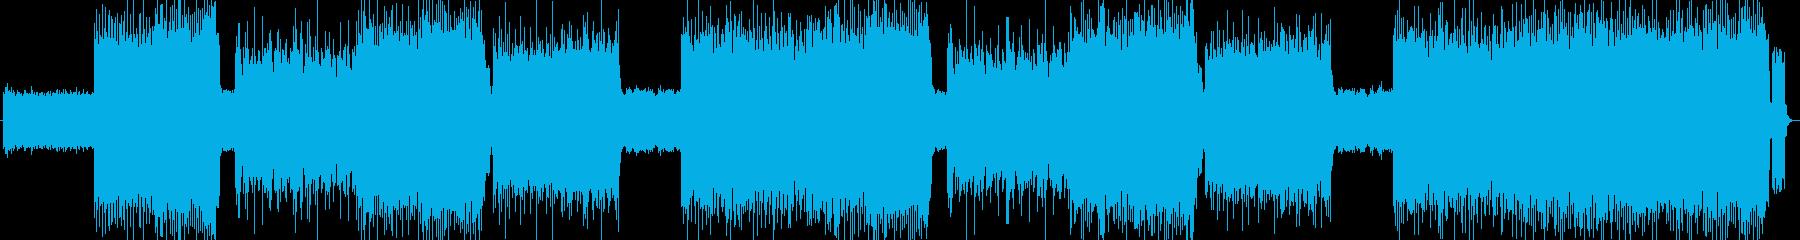 「HEAVY METAL」BGM199の再生済みの波形